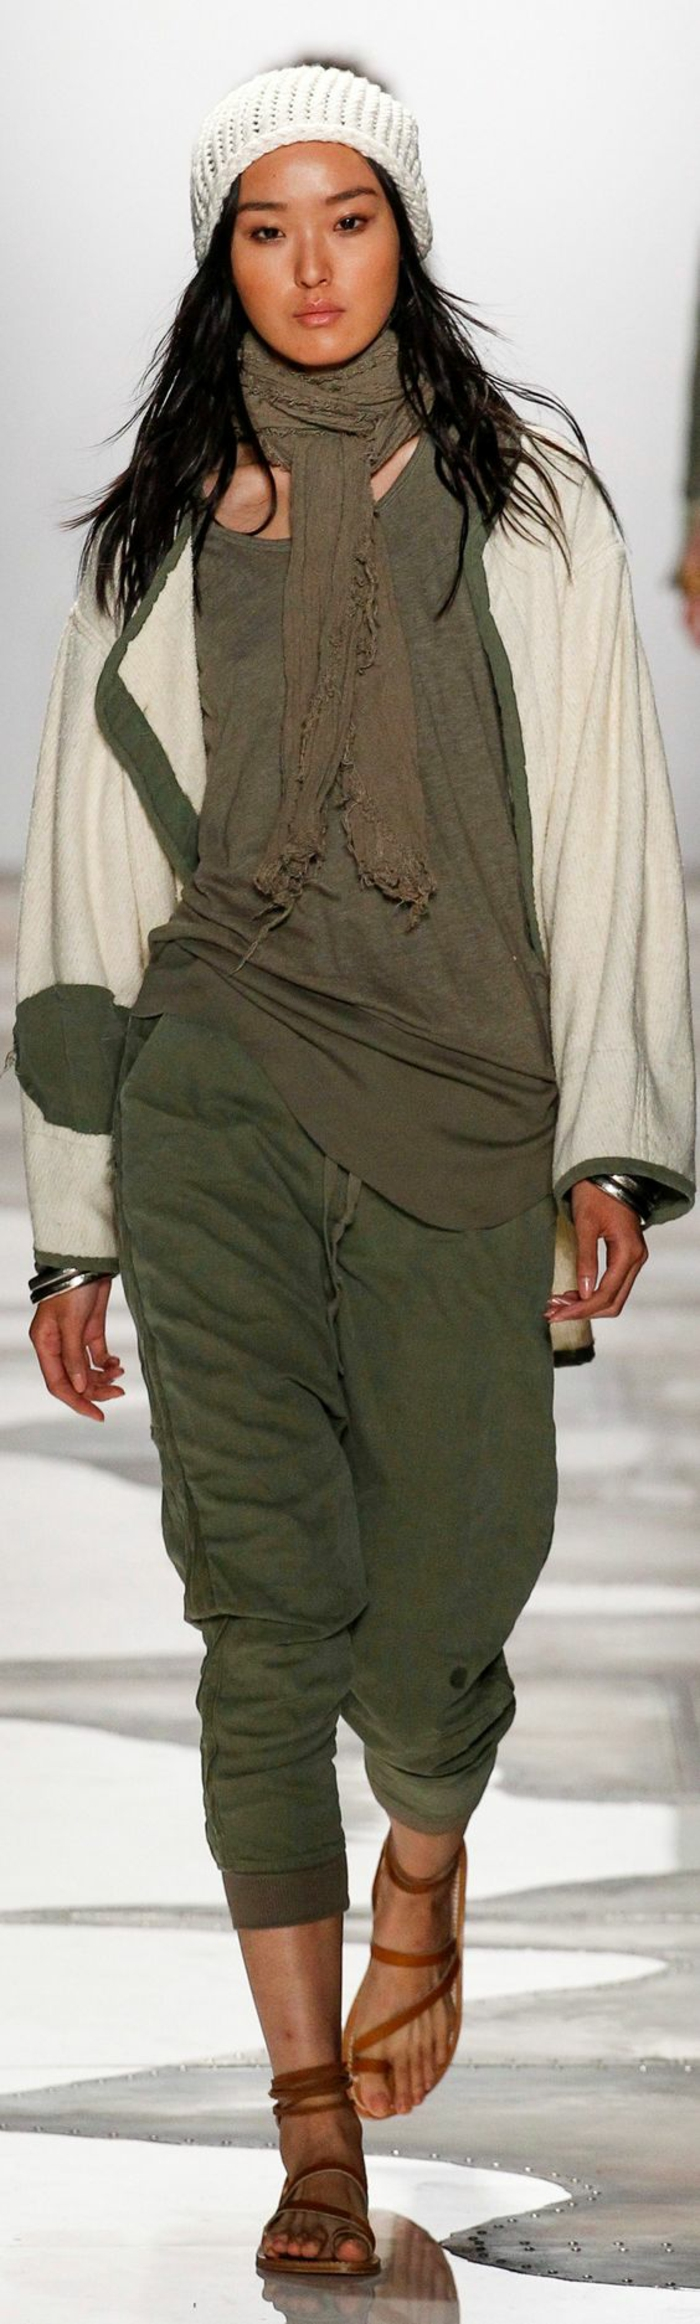 sommermode frauenmode damen greg lauren 2016 military casual stil ready towear